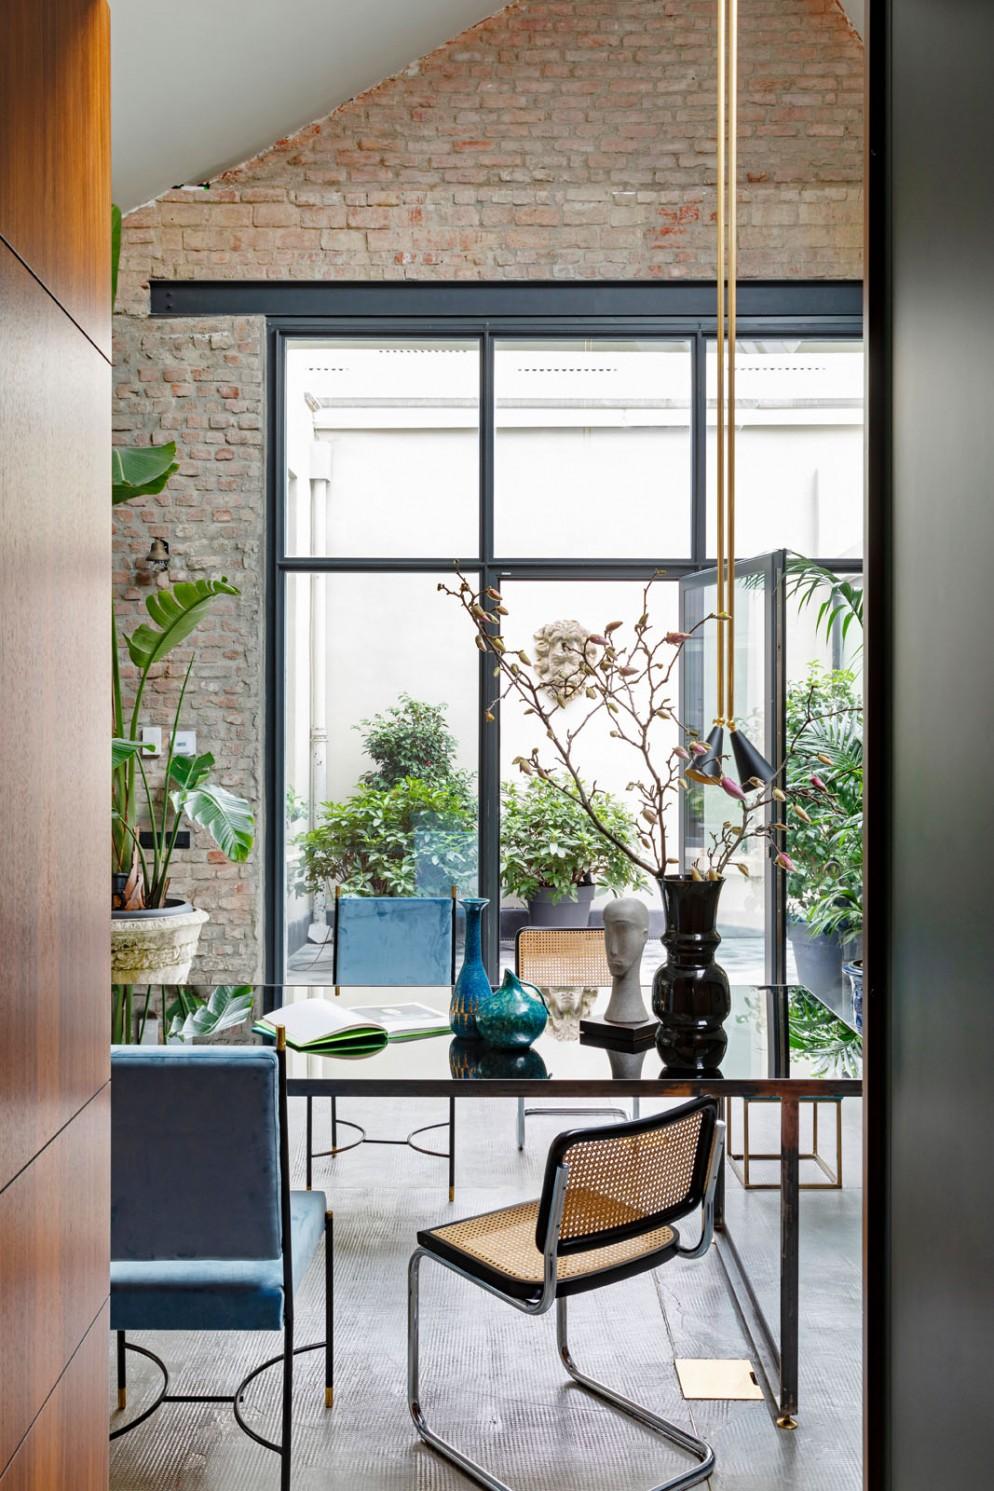 casa-milano-living-corriere-architetto-mengotti-01